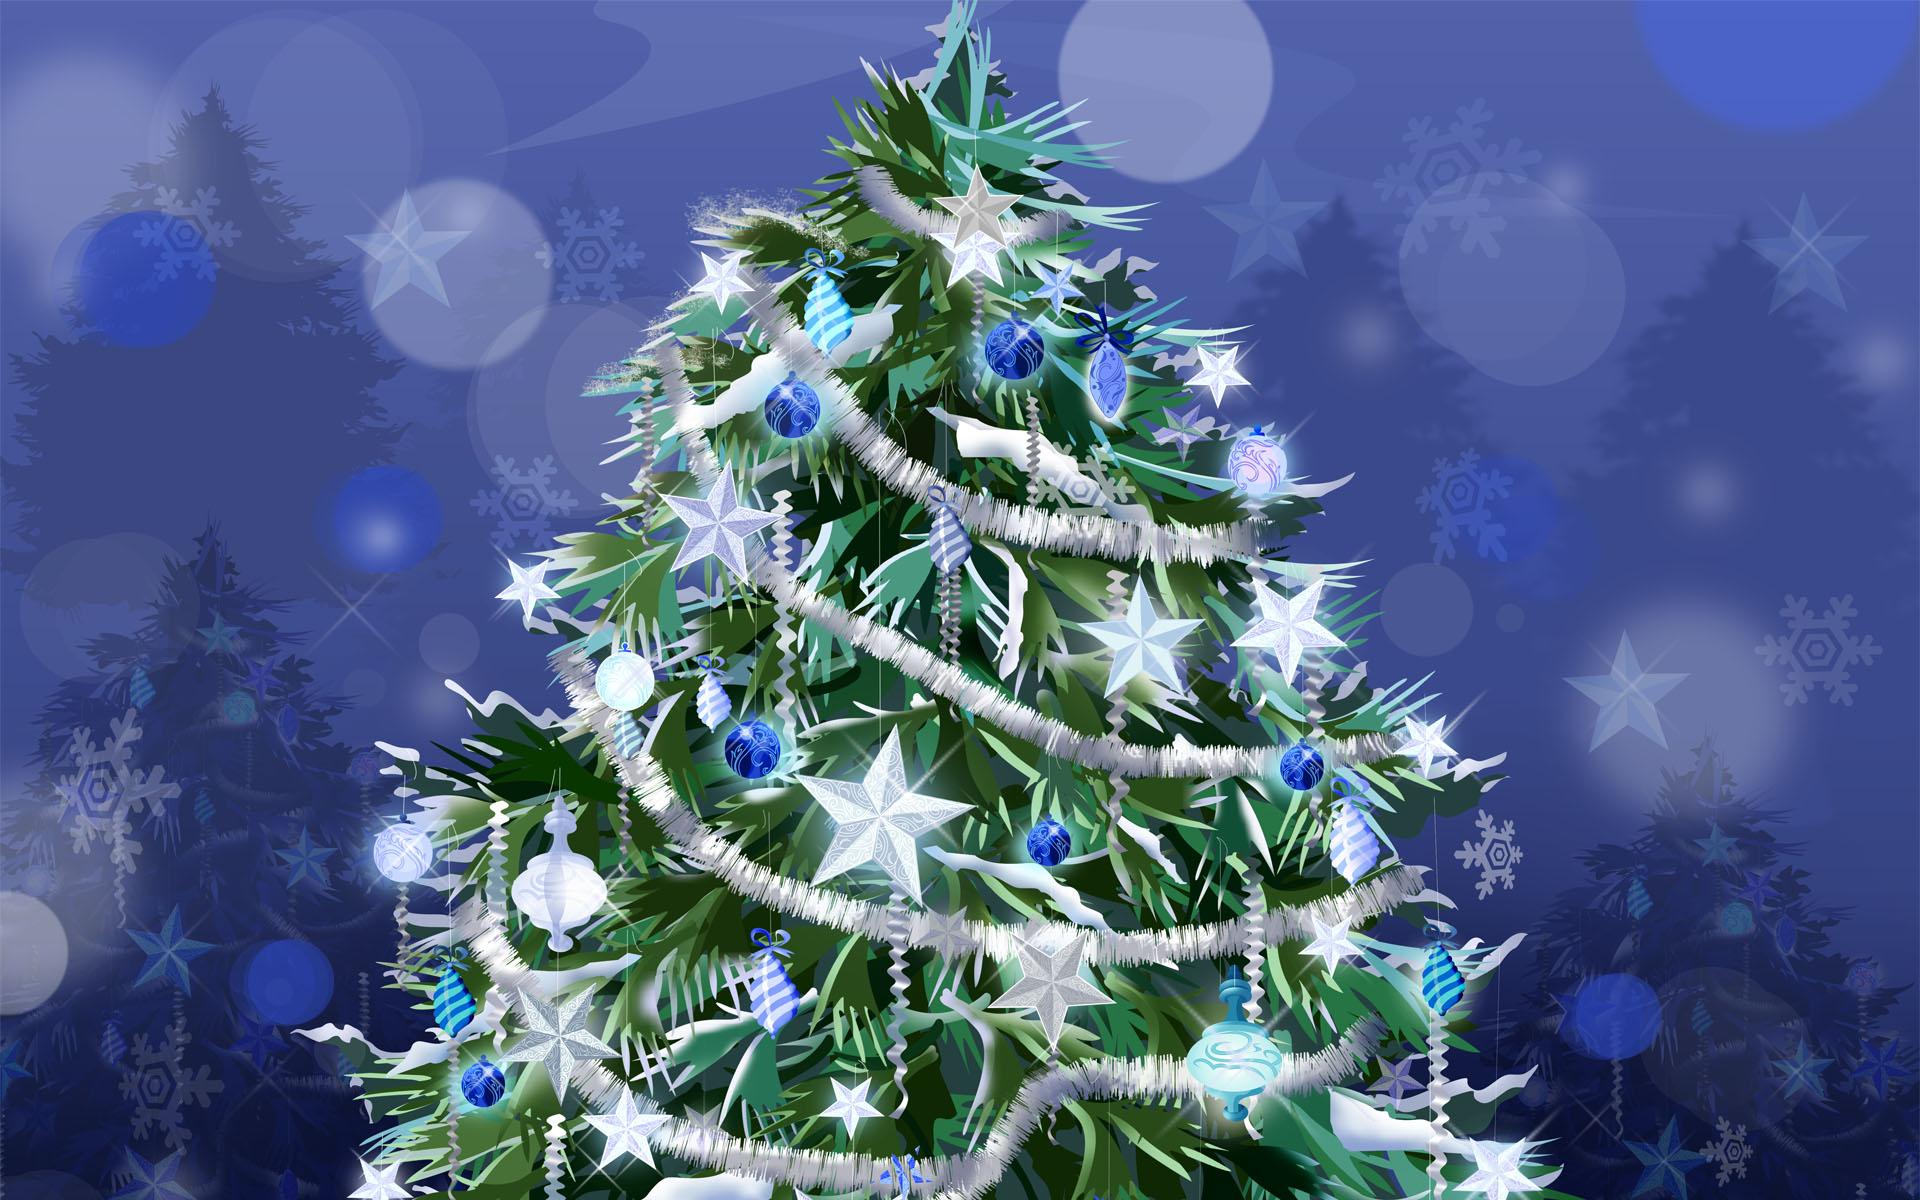 Праздничная ель / Новый Год - C Новым годом  2018 поздравительные картинки